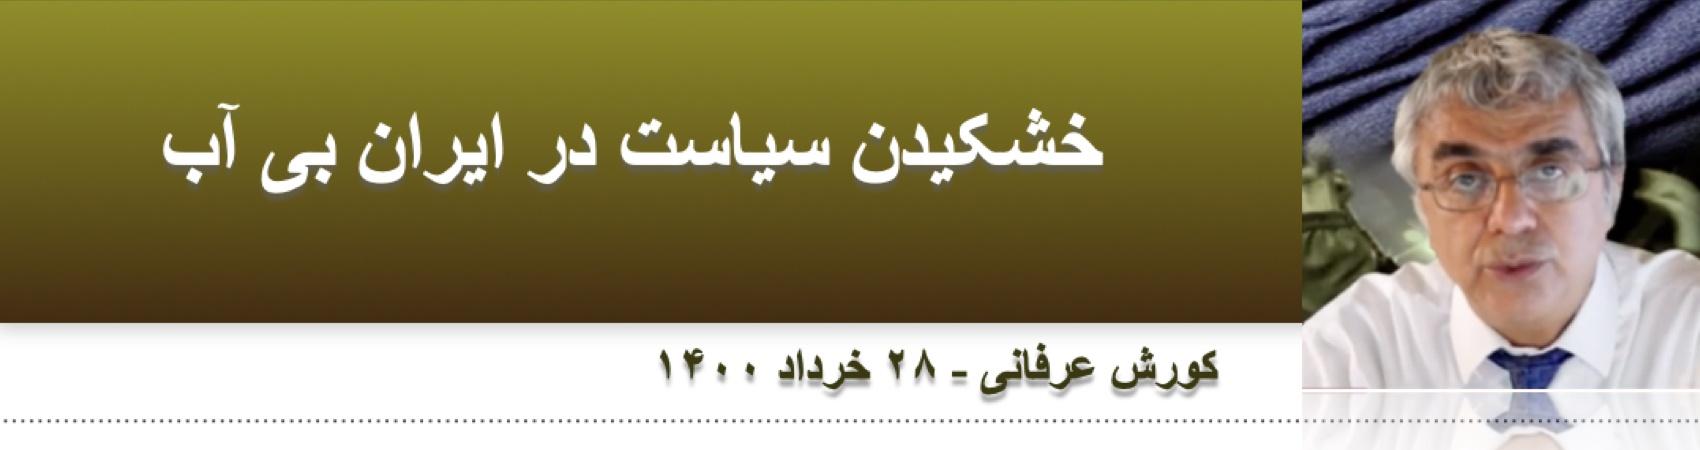 خشکیدن سیاست در ایران بی آب 